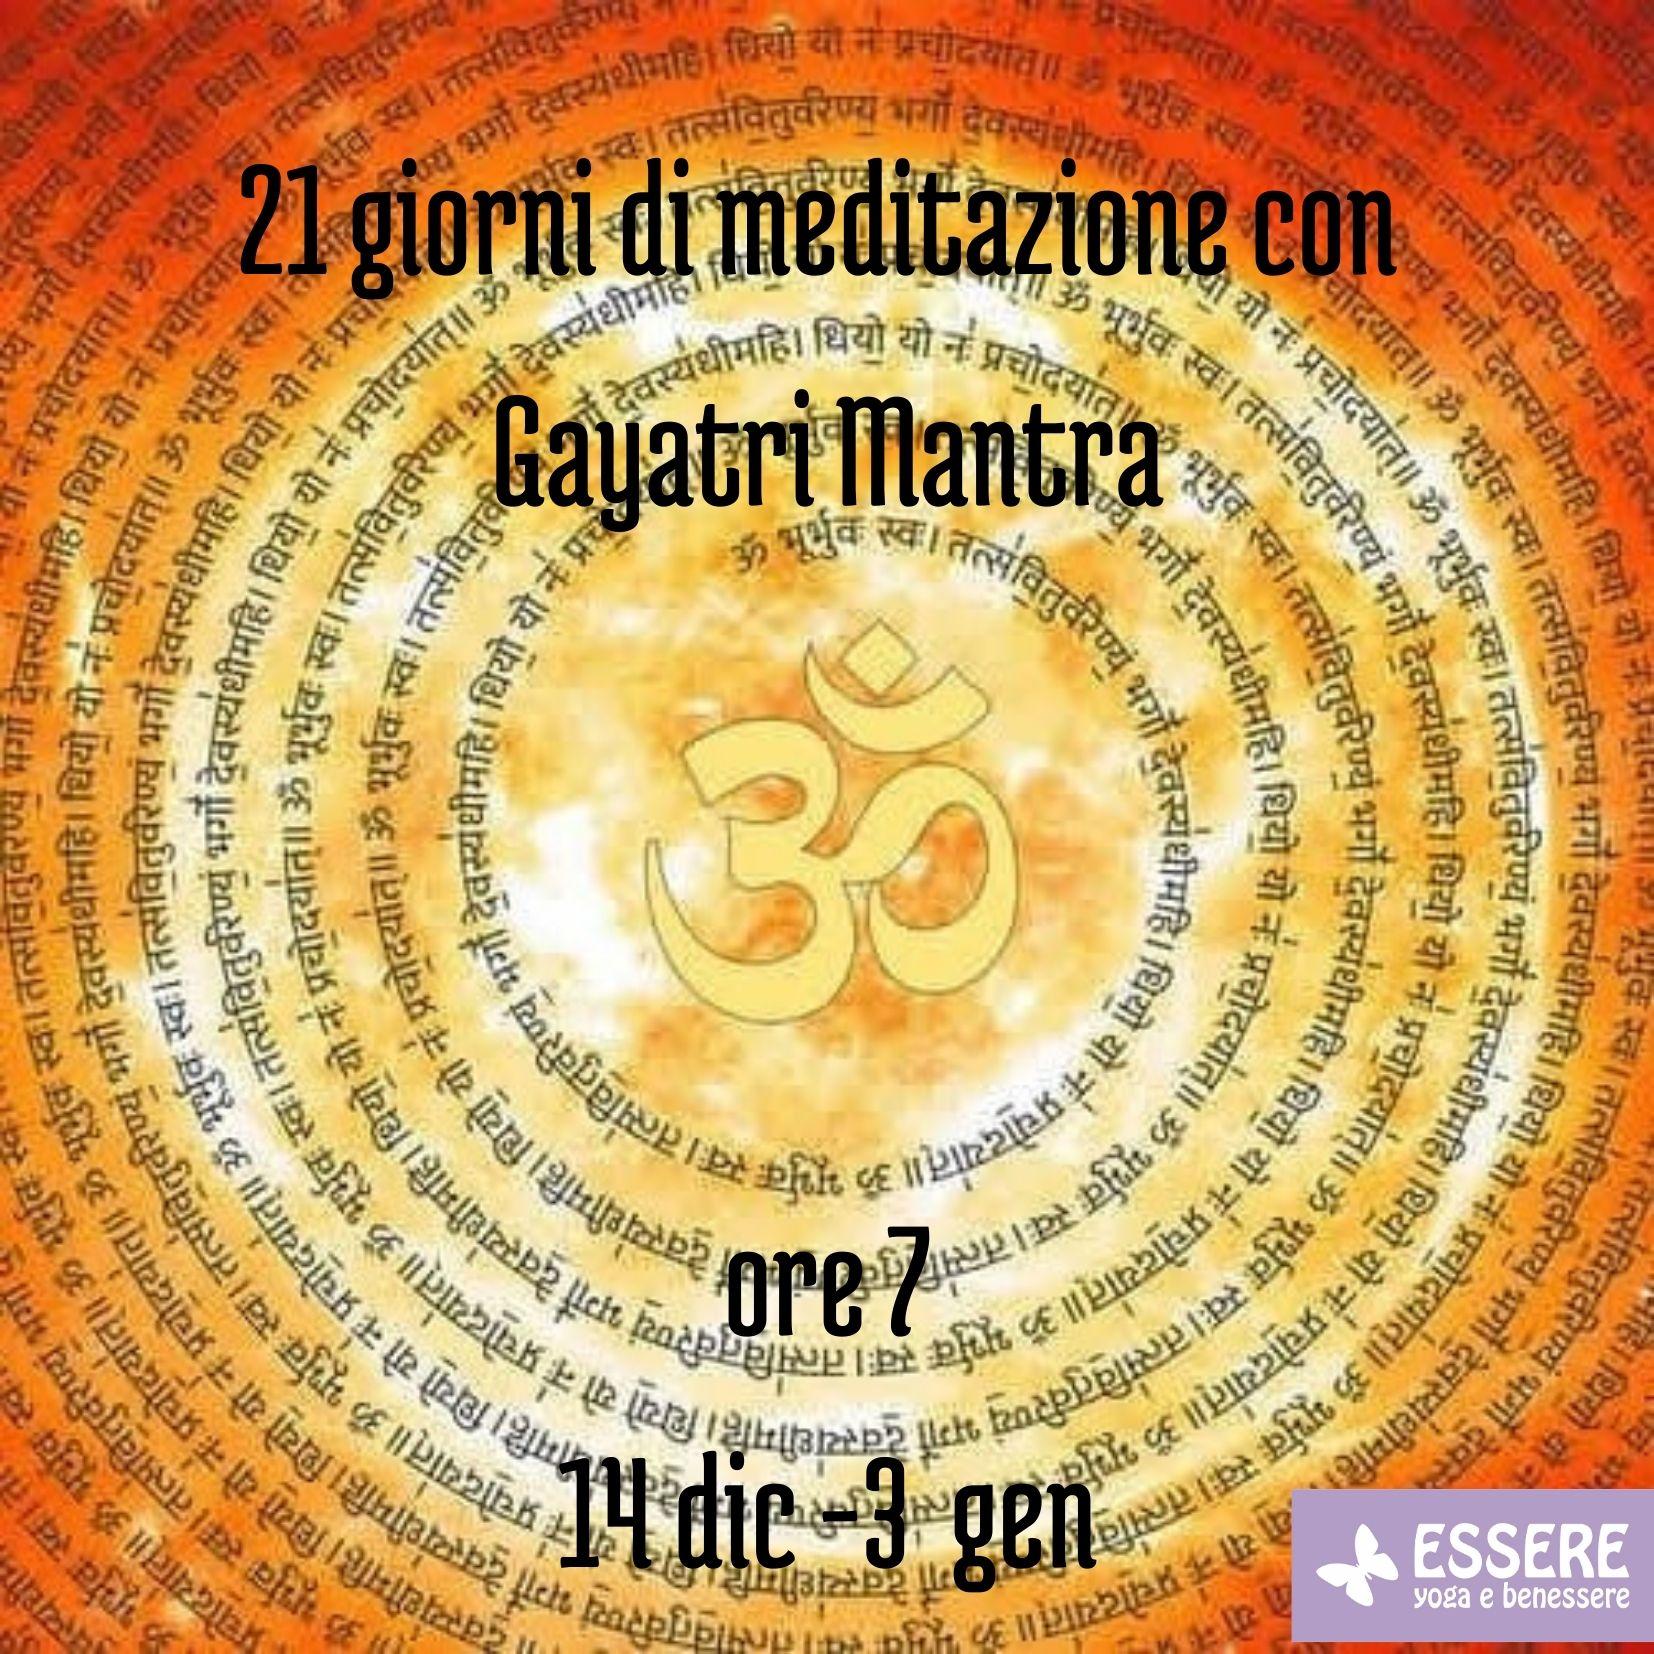 yoga-@-home-lezioni-online-casa-essere-free-gratuito-gratis-benessere-per-tutti-alassio-lucia-ragazzi-meditazione-salute-sport-wellness-wellbeing-quadrato